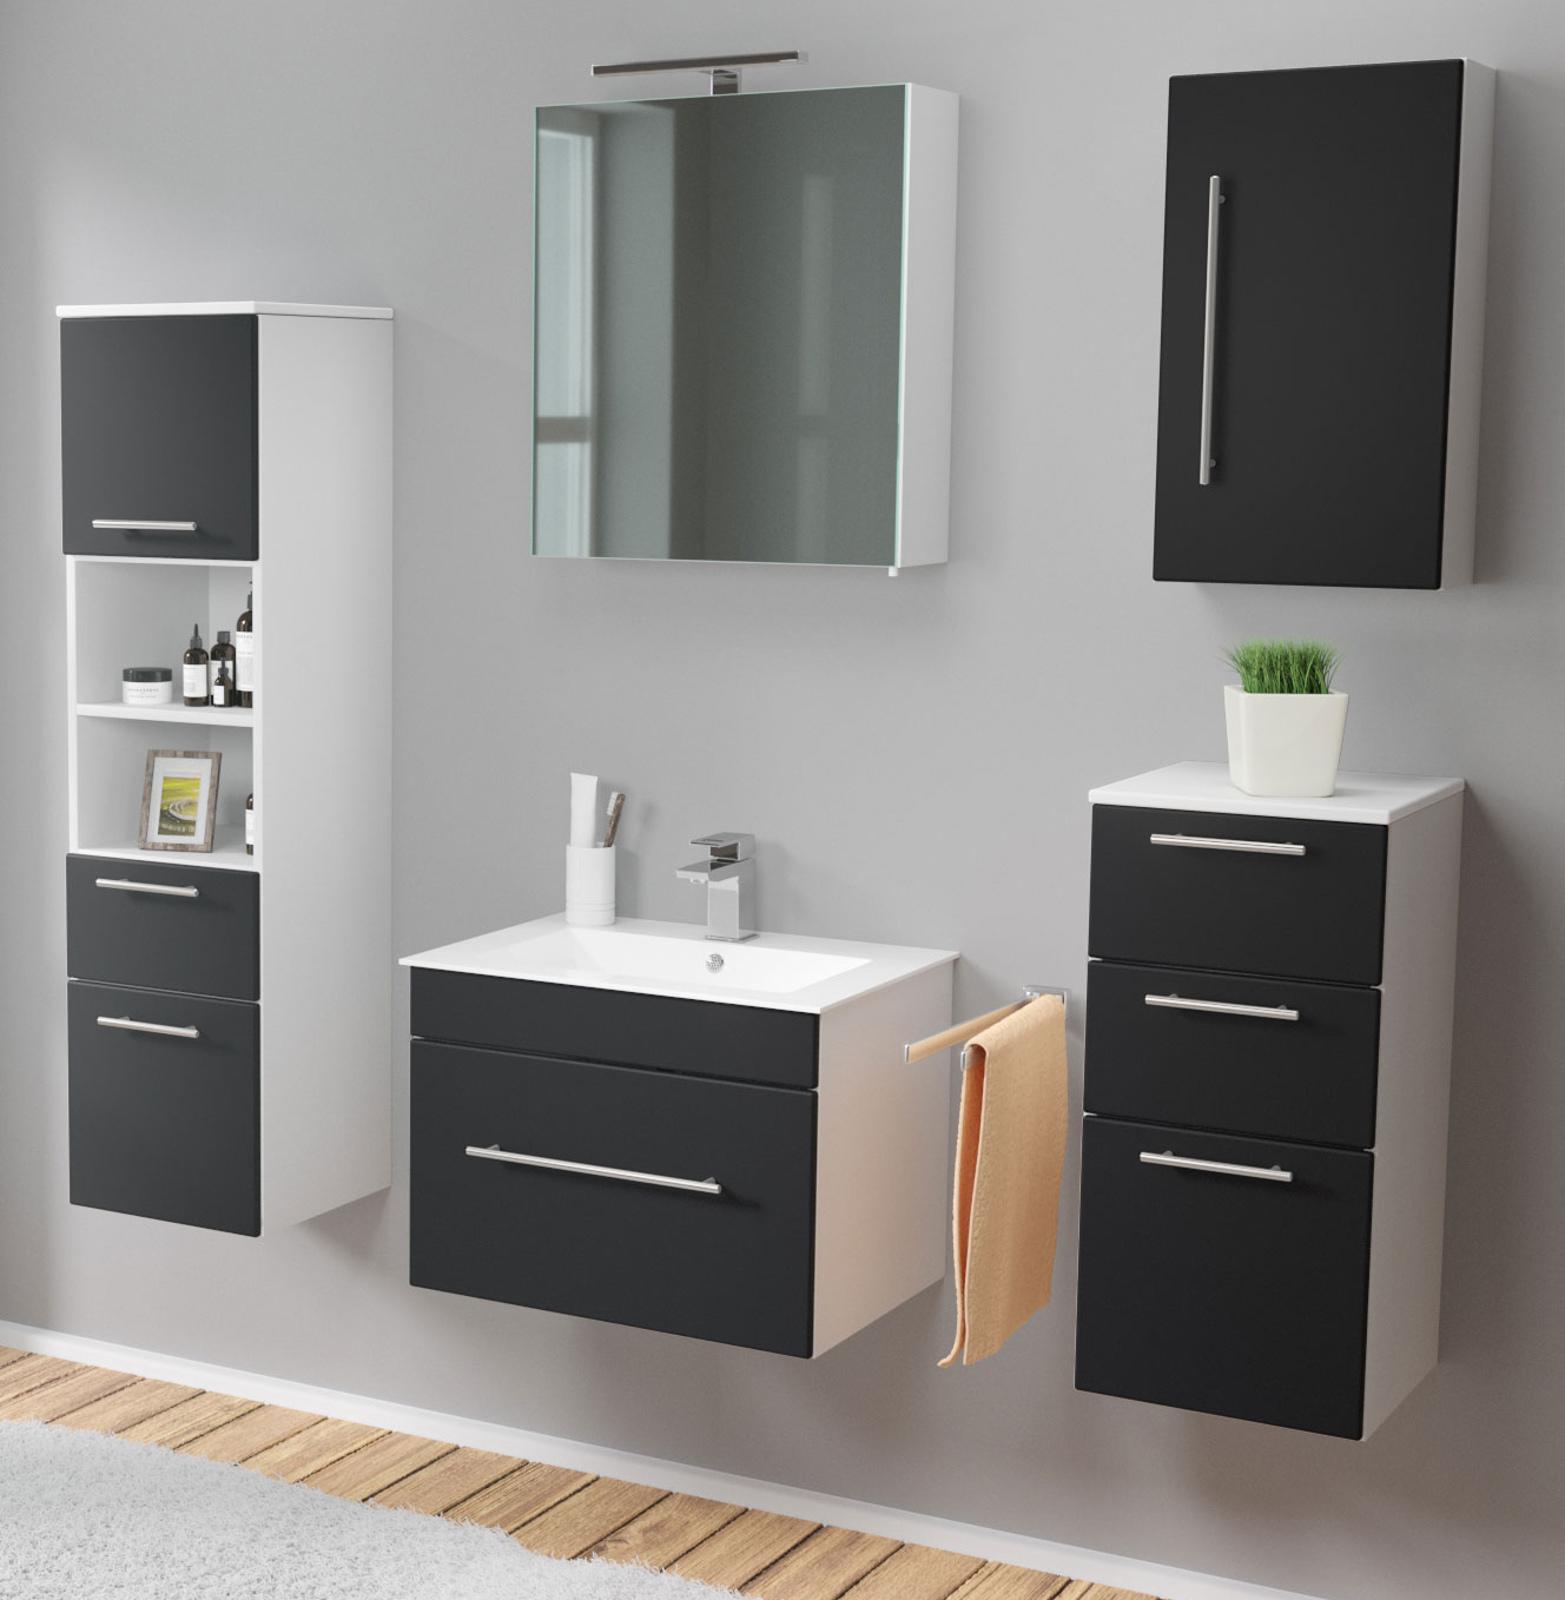 schlafzimmer doppelbett 180x200 cm wei lackiert hochglanz. Black Bedroom Furniture Sets. Home Design Ideas